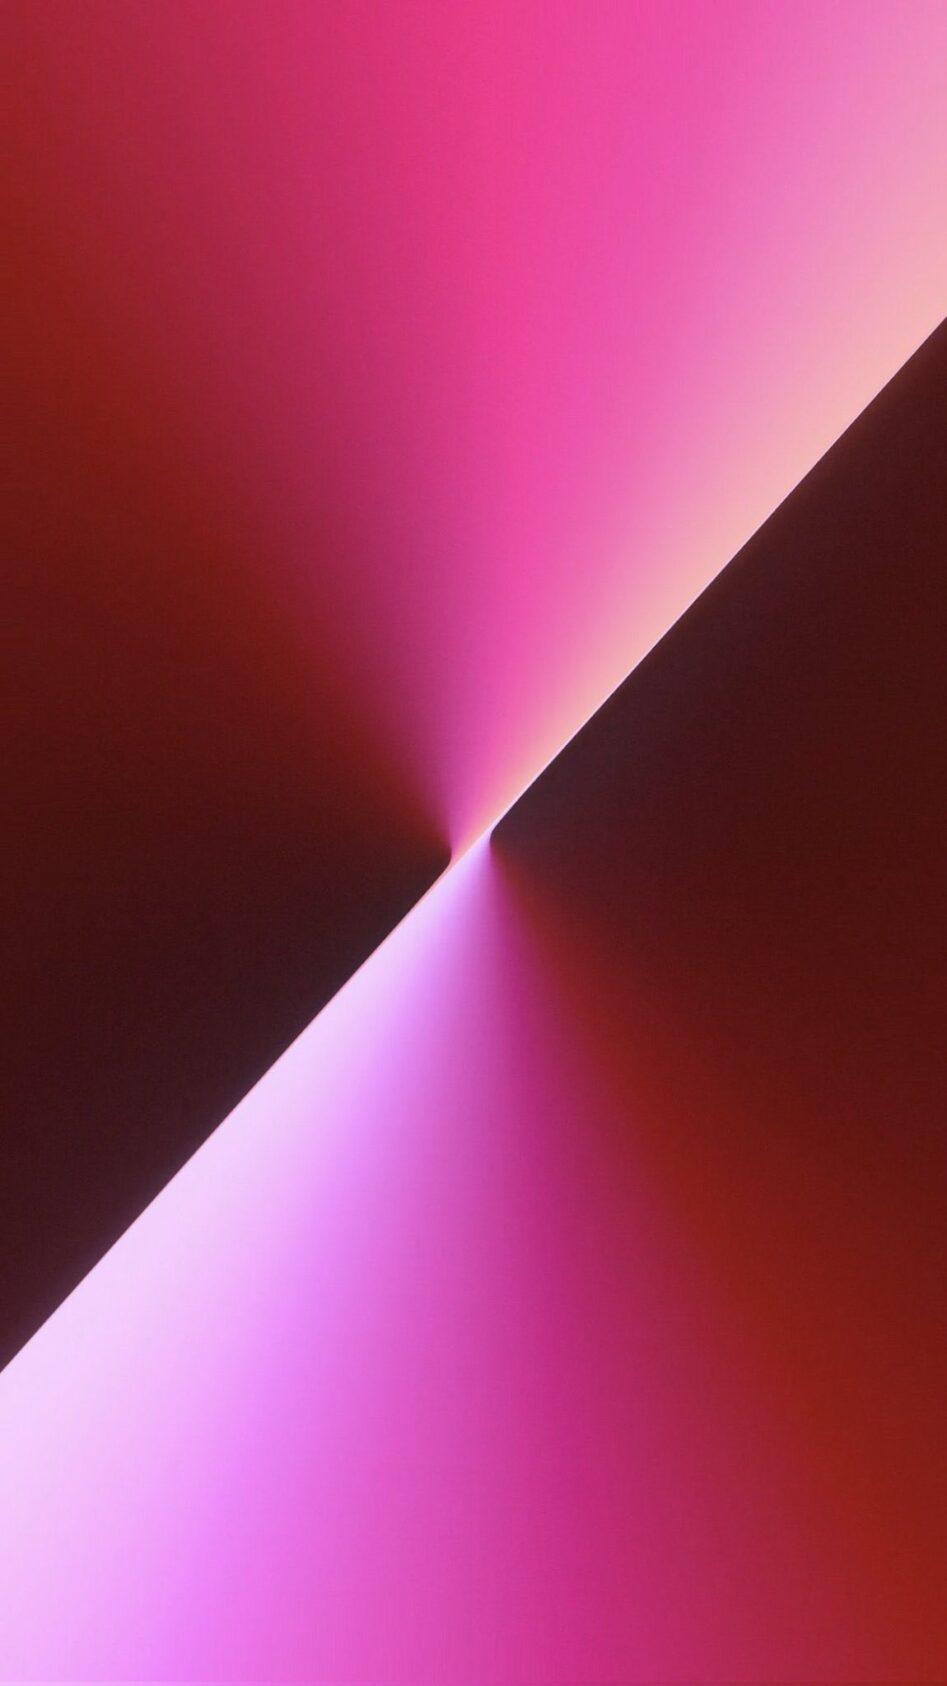 Hình nền iPhone 13 4k - màu đỏ